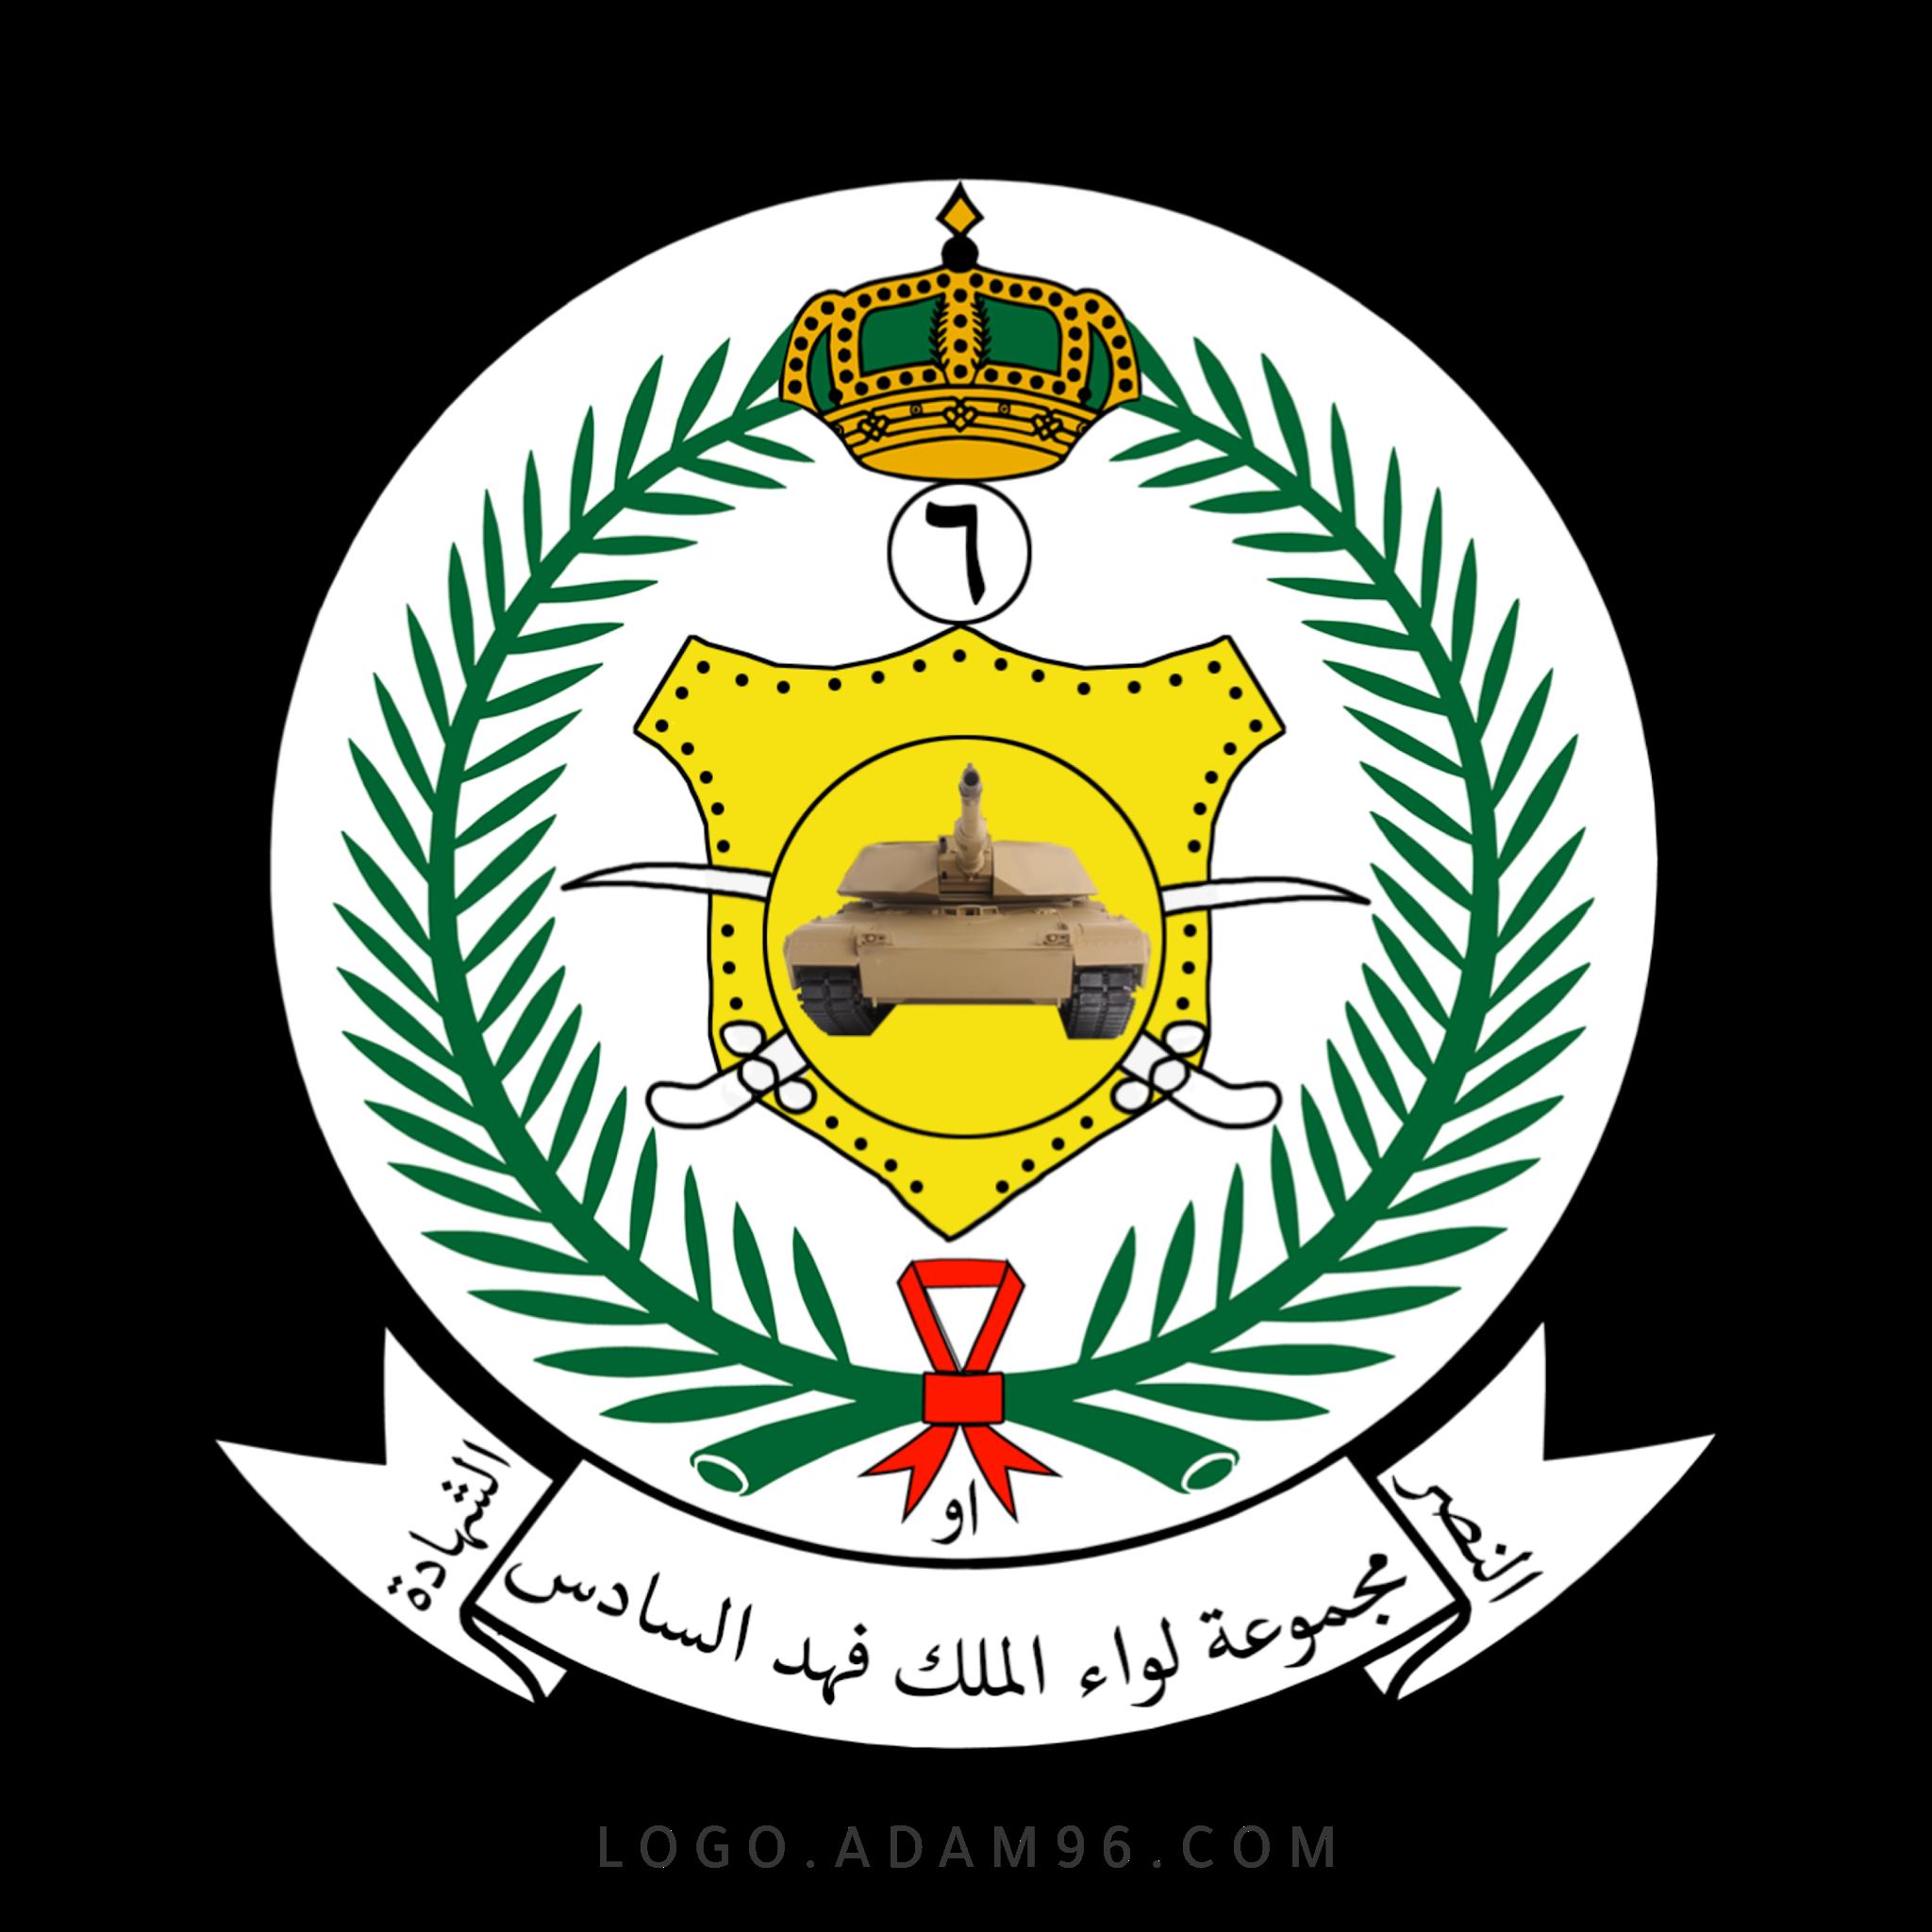 تحميل شعار مجموعة لواء الملك فهد السادس لوجو رسمي بجودة عالية PNG